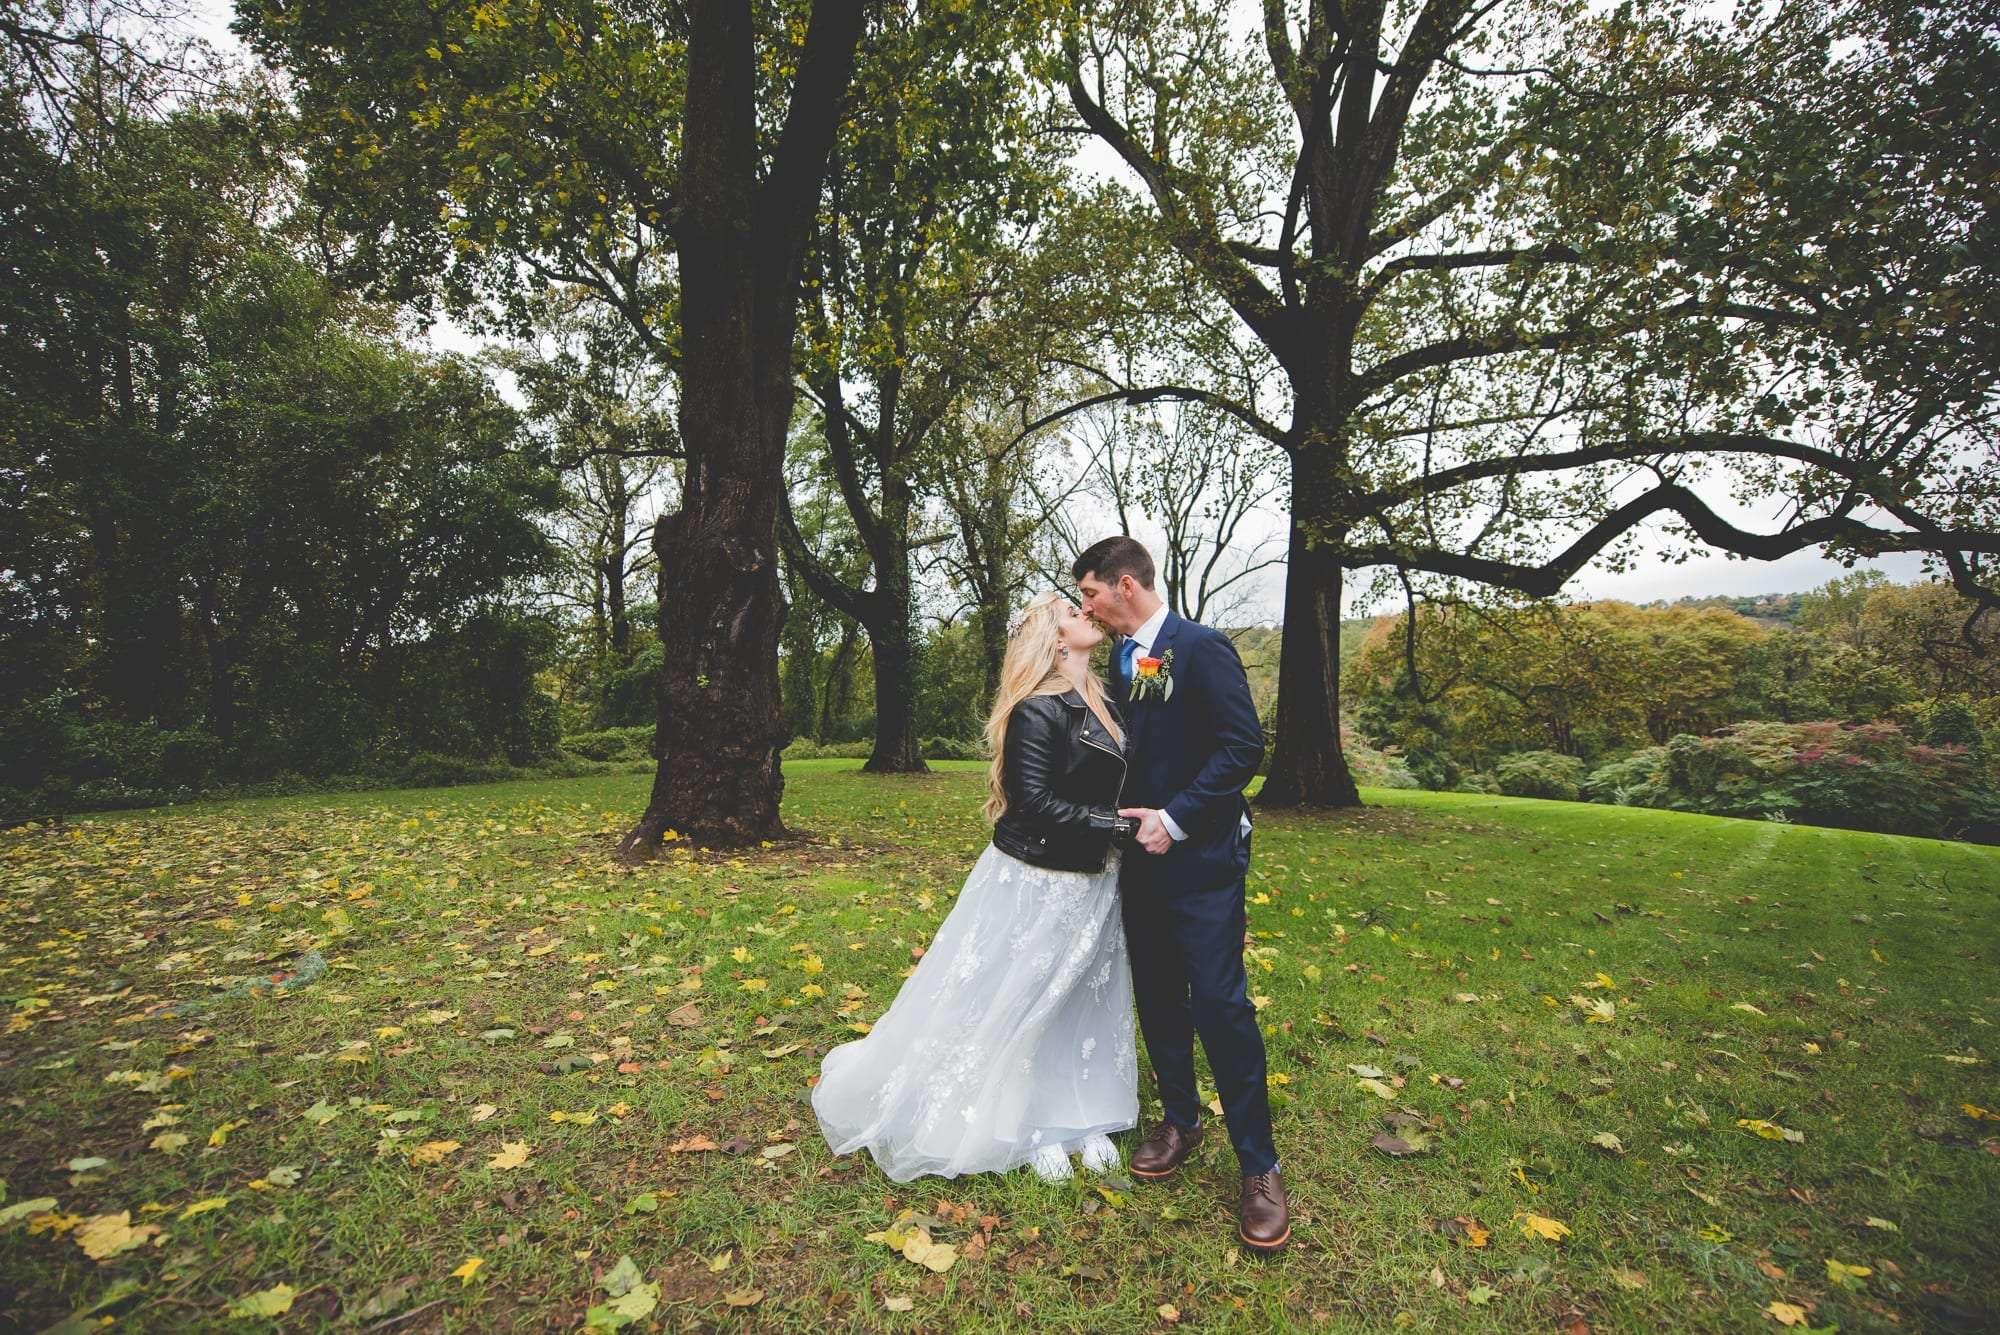 October wedding at Villanova Inn